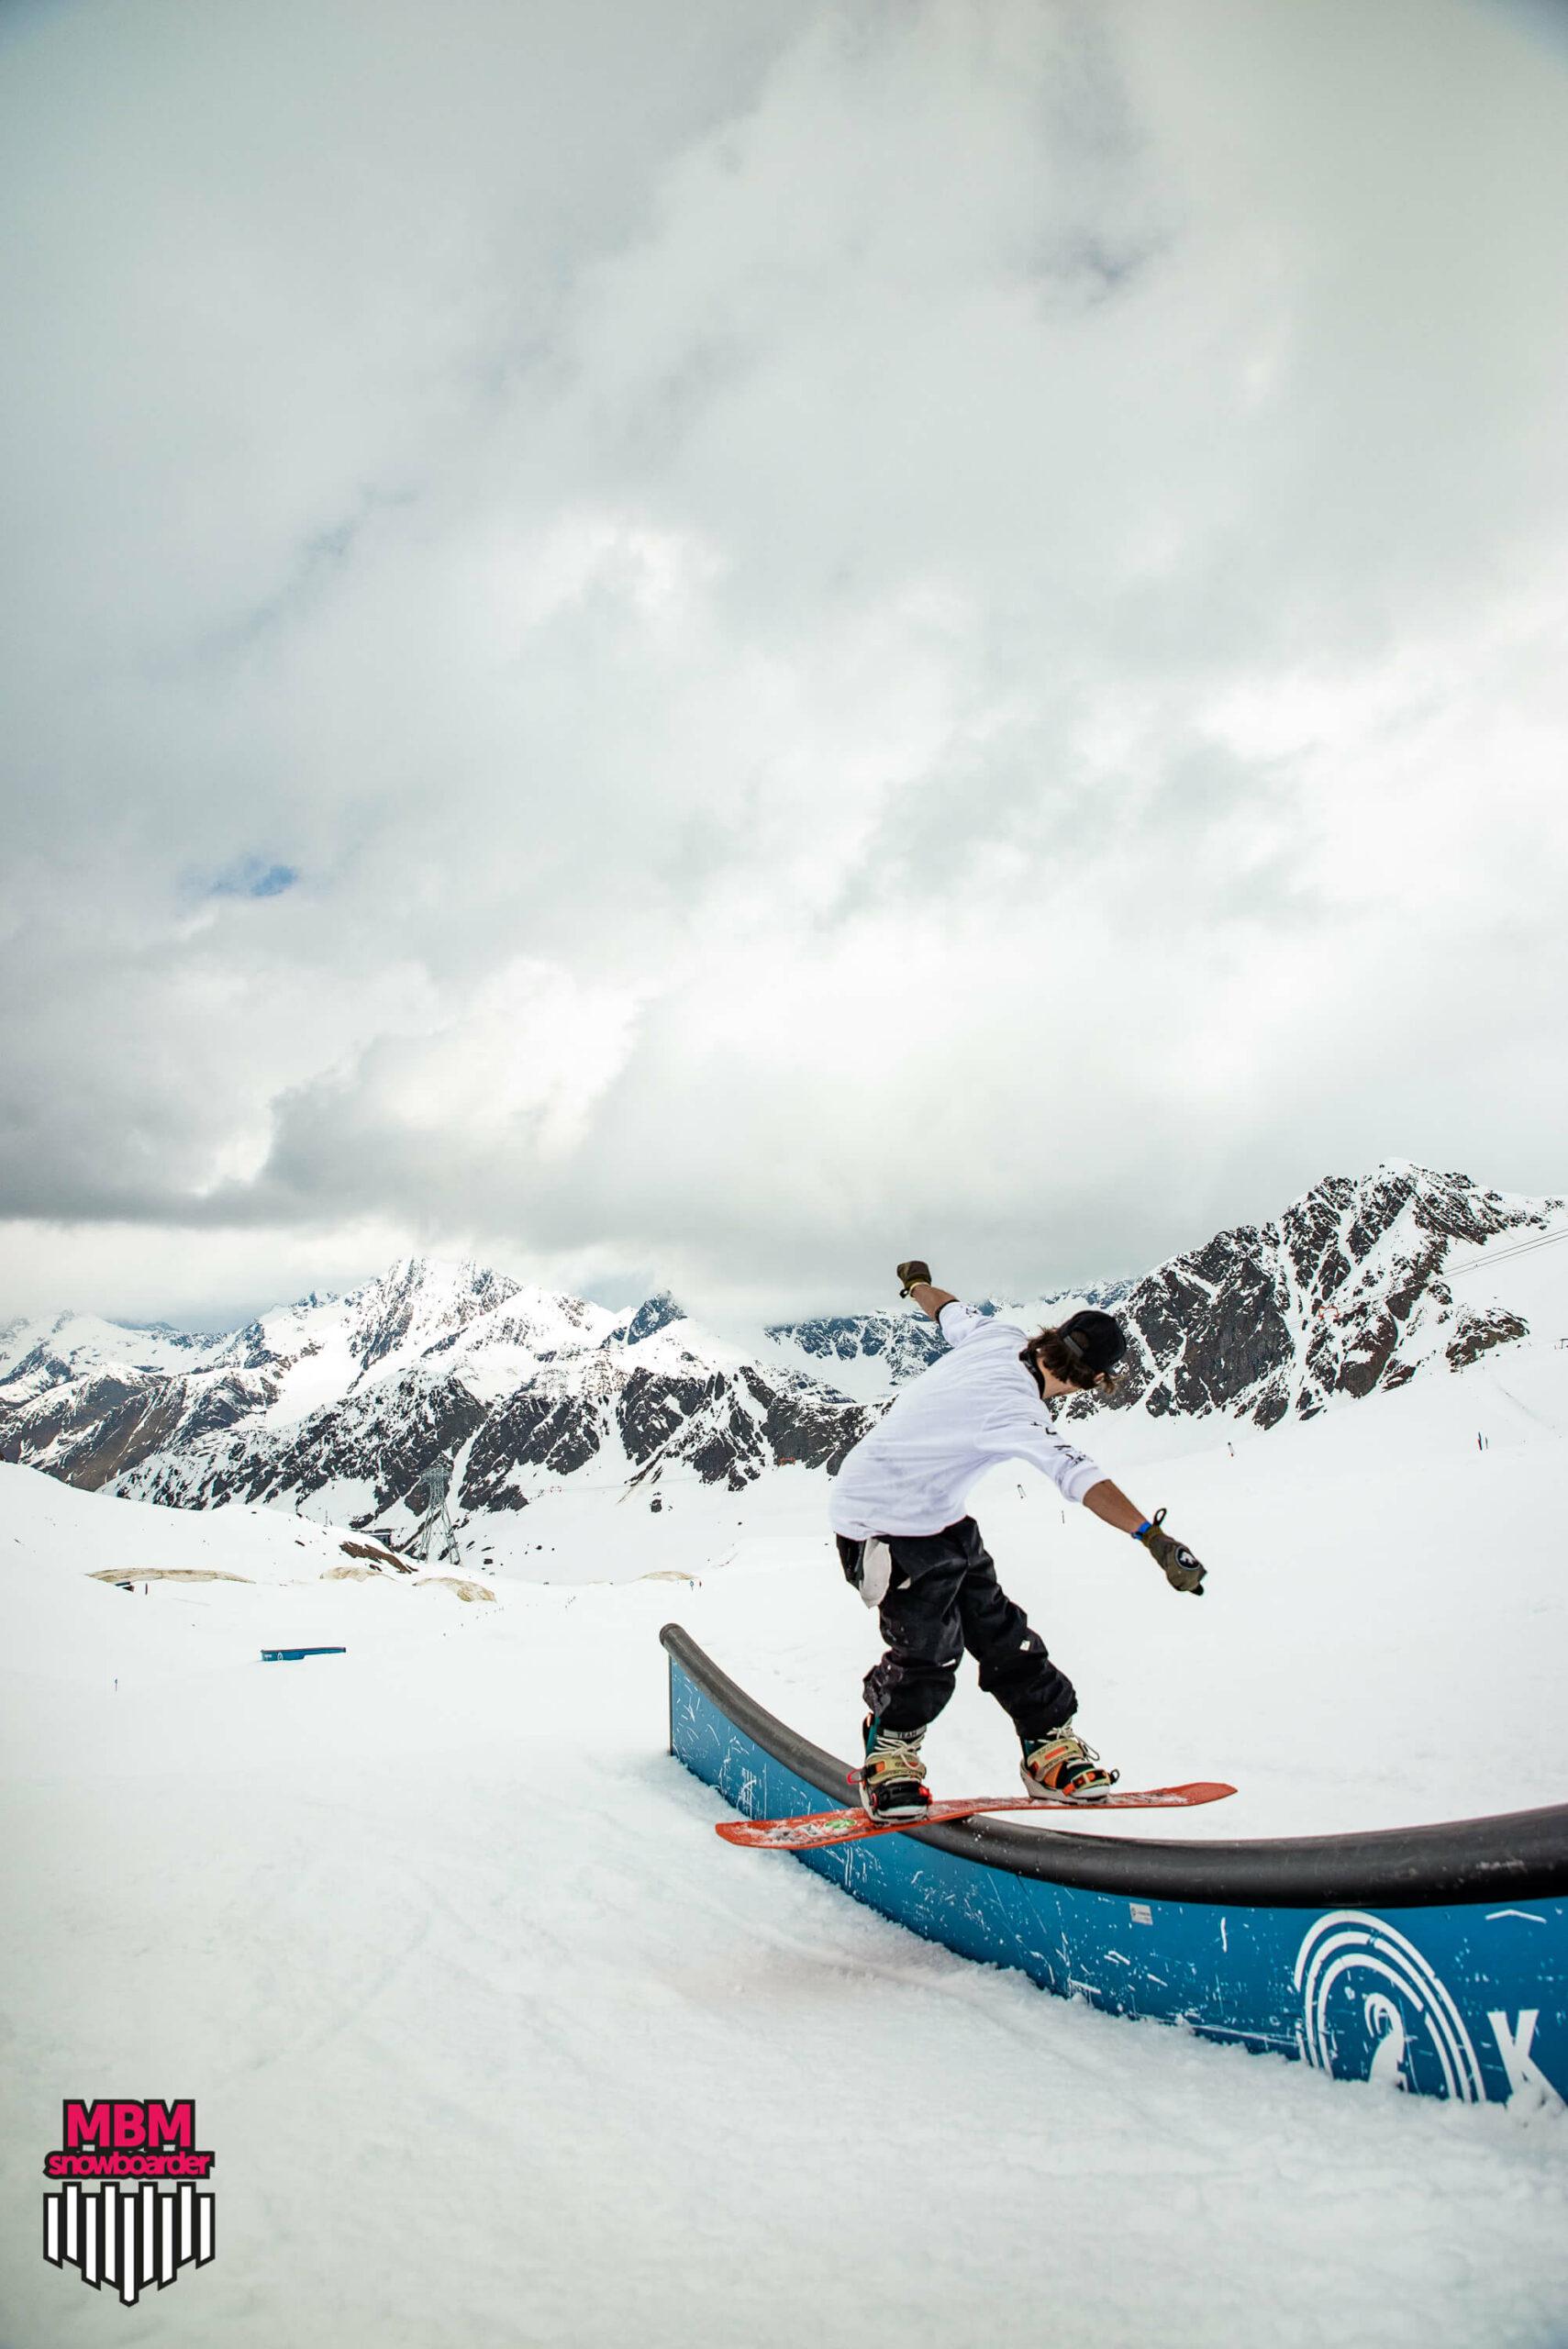 snowboarderMBM_sd_kaunertal_132